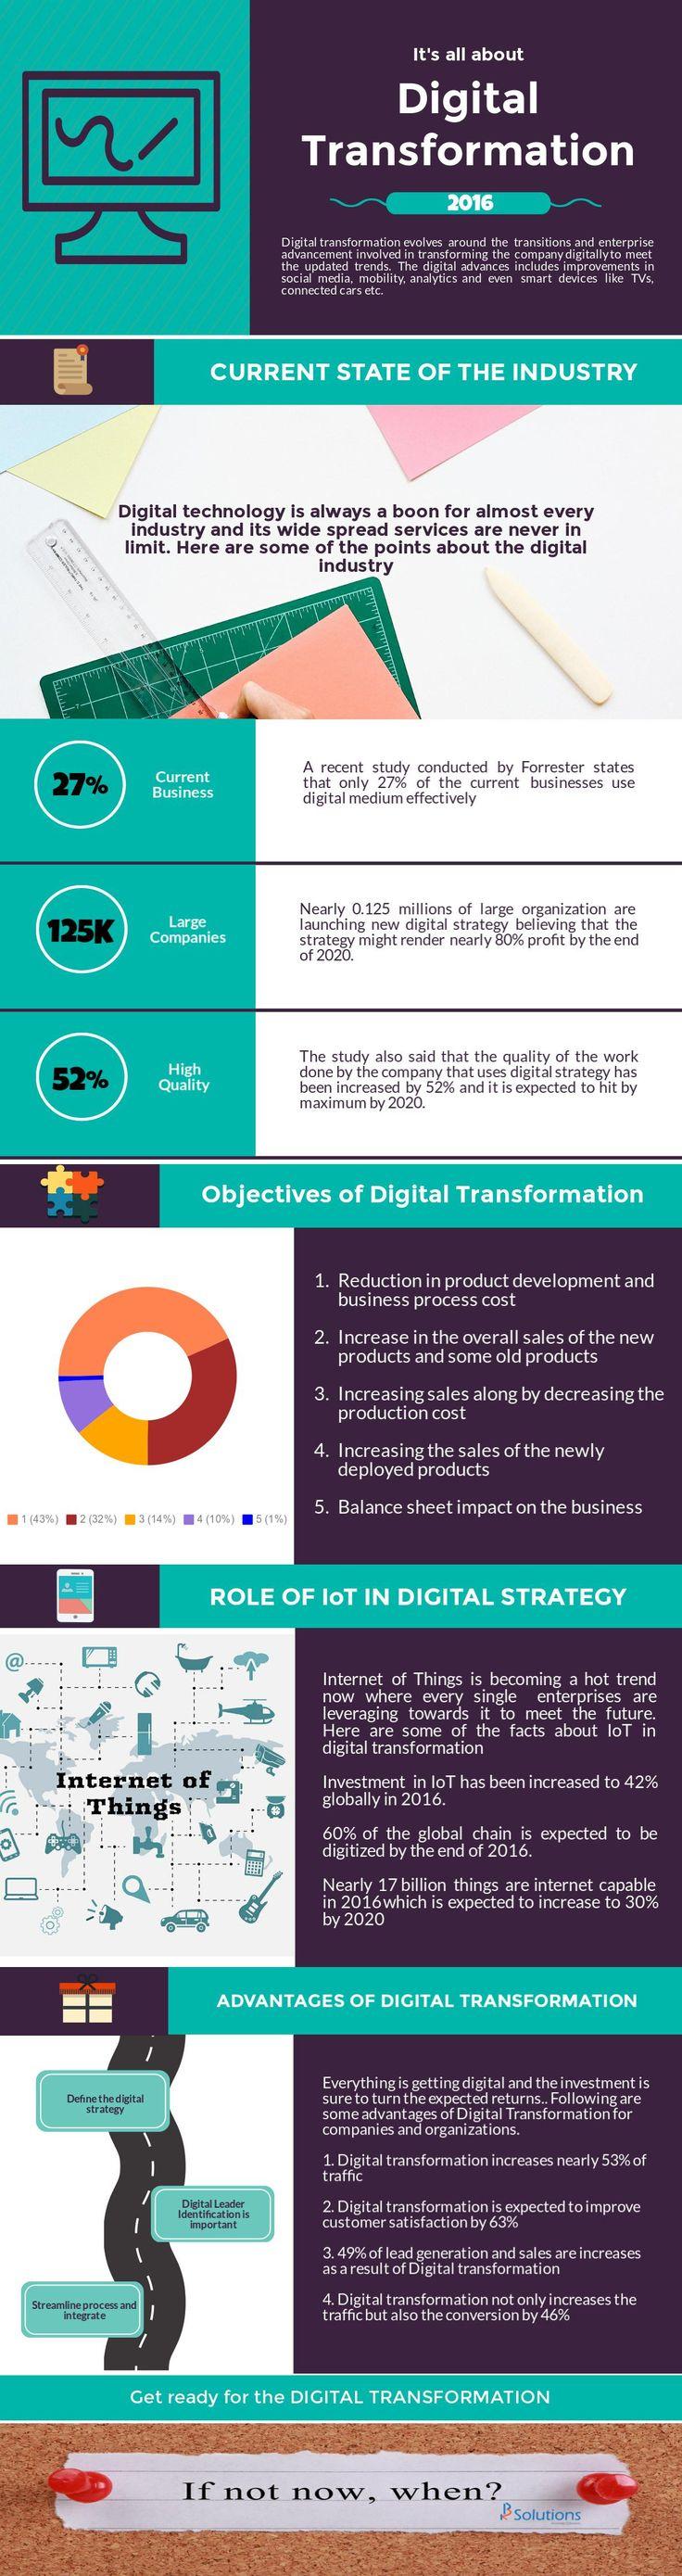 Digital Transformation 2016 - K2B Solutions https://k2bsolutions.wordpress.com/2016/01/23/digital-transformation-2016-k2b-solutions/